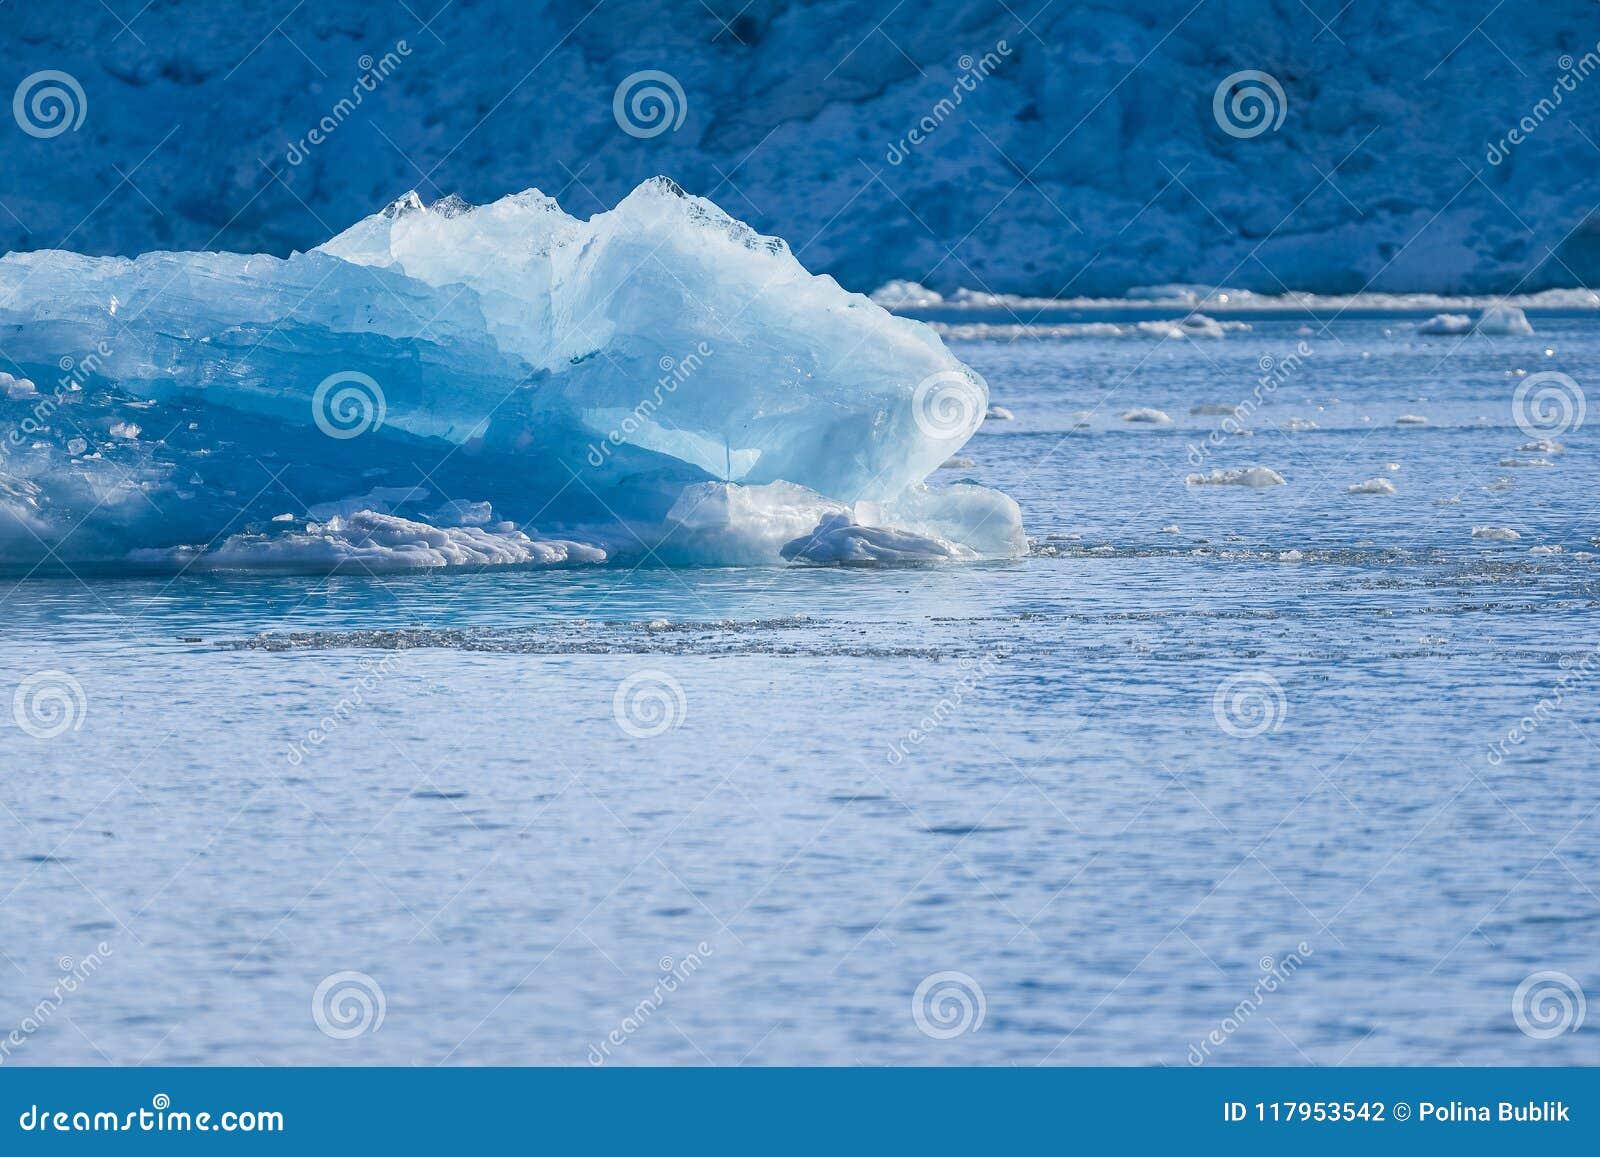 使卑尔根群岛朗伊尔城斯瓦尔巴特群岛北冰洋冬天极性天日落天空冰川山环境美化的冰本质